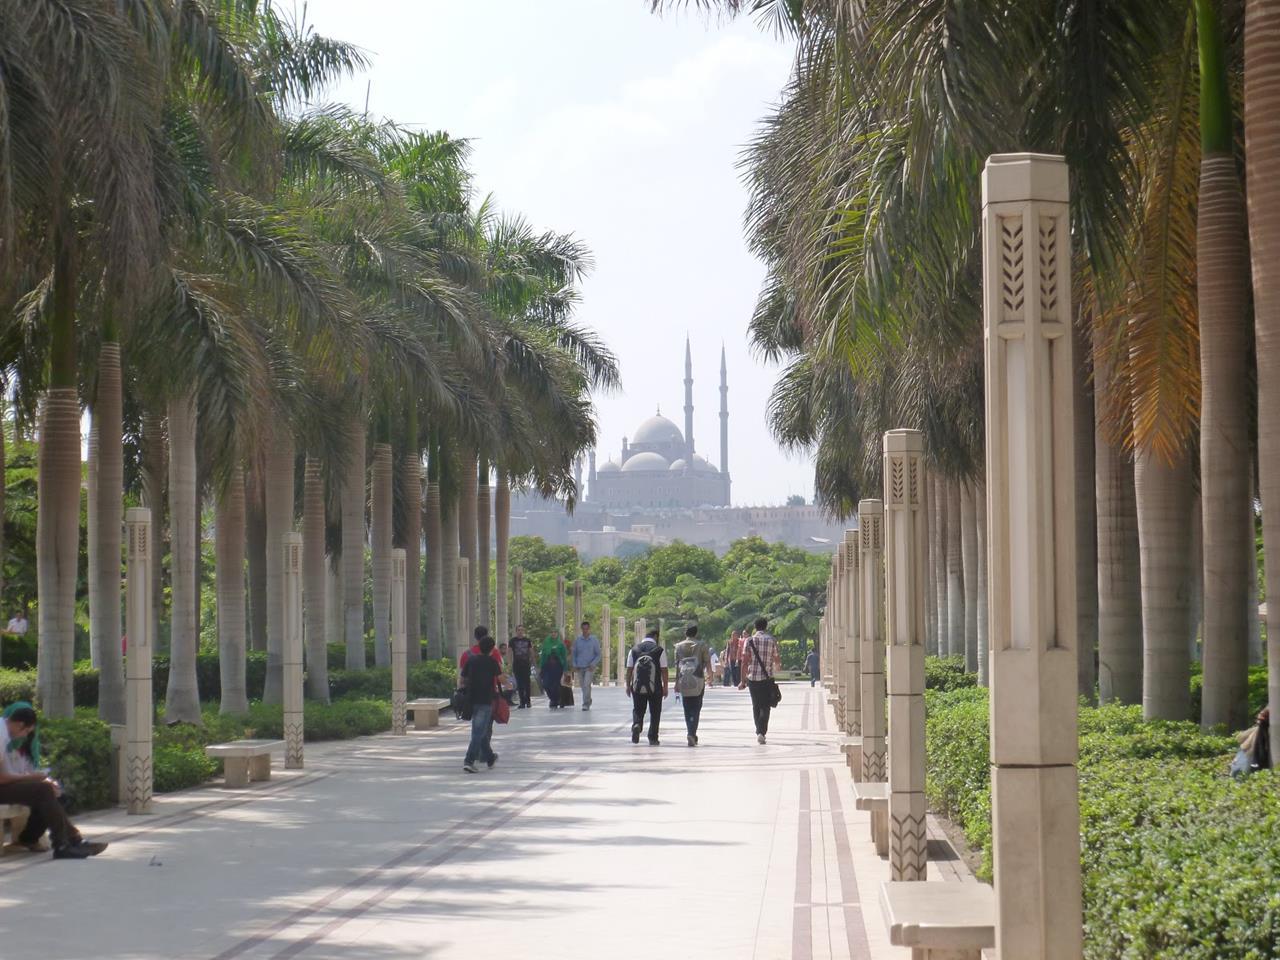 hidden benefits of azhar park project